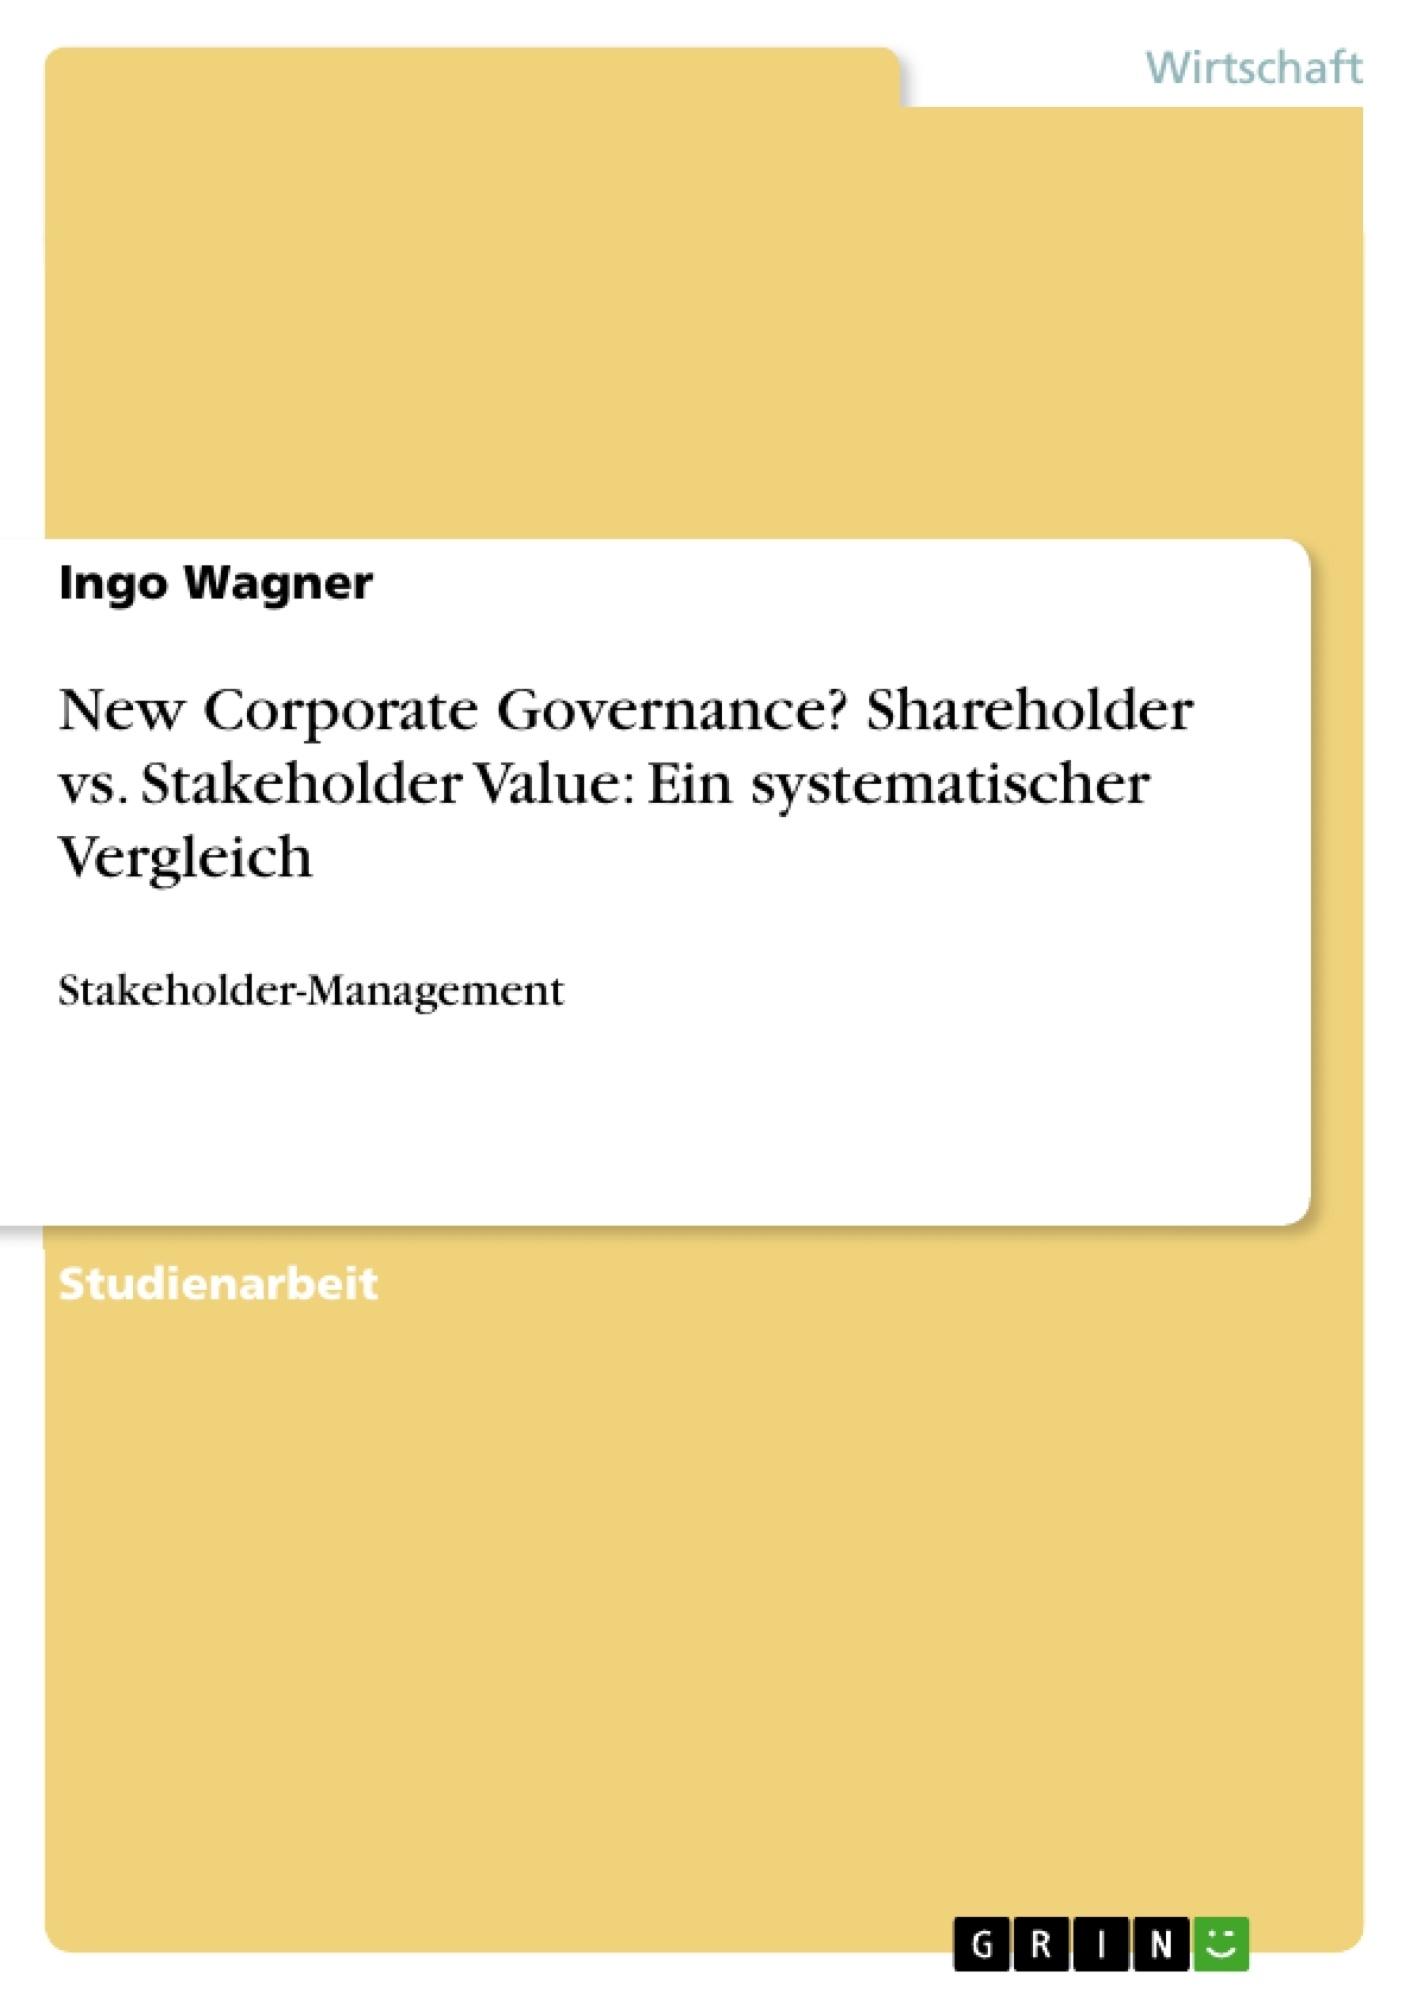 Titel: New Corporate Governance? Shareholder vs. Stakeholder Value: Ein systematischer Vergleich